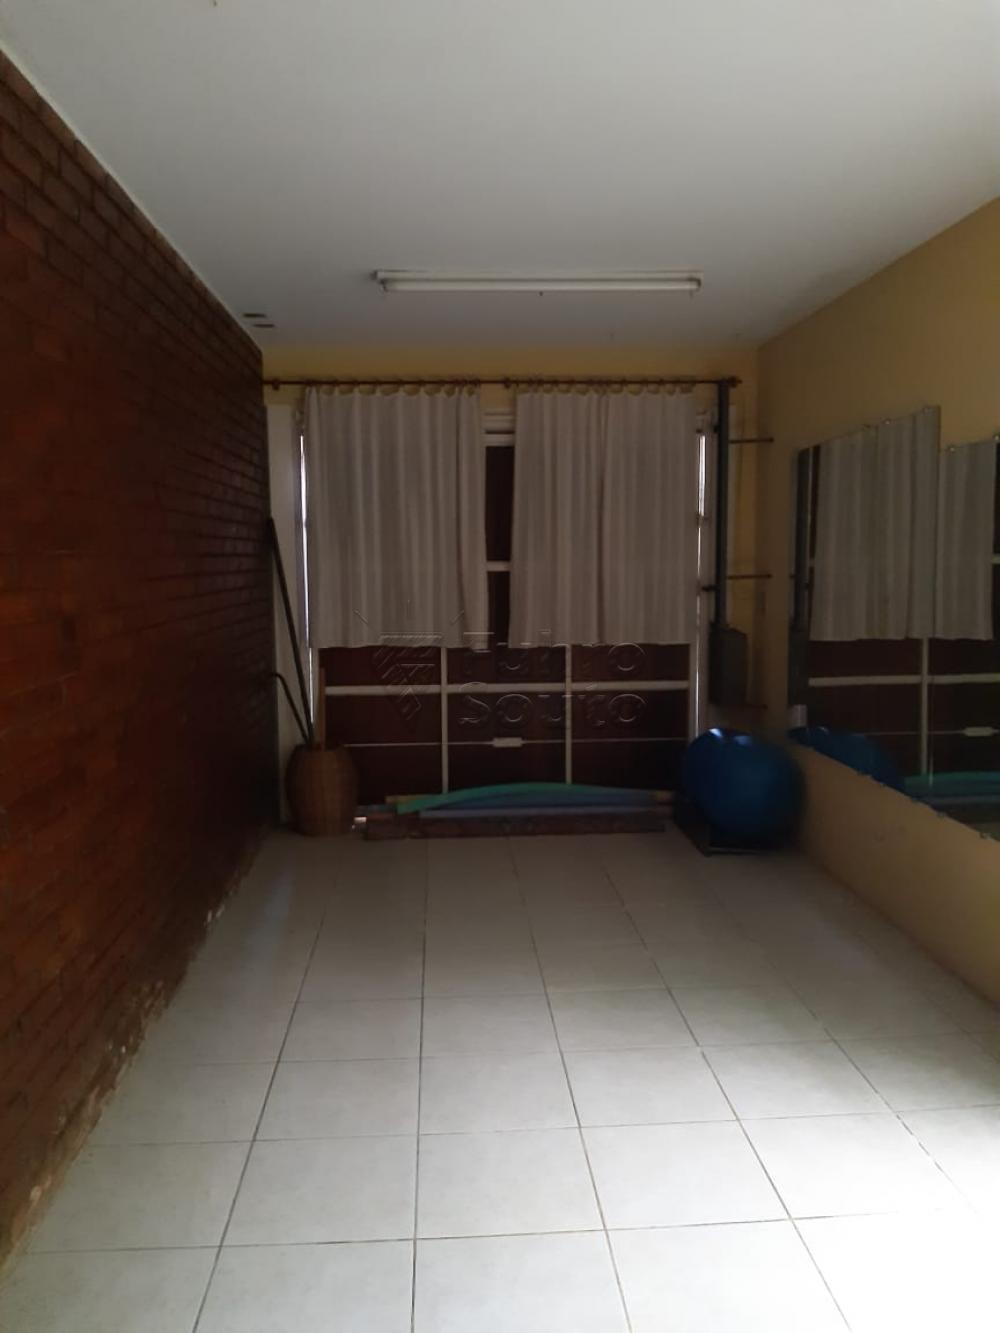 Casa térrea central 03 dormitórios, banheiro, cozinha, churrasqueira, sala com tábua corrida, dormitórios com laminado, terraço, toda gradeada, com garagem ,próxima a o clube brilhante.